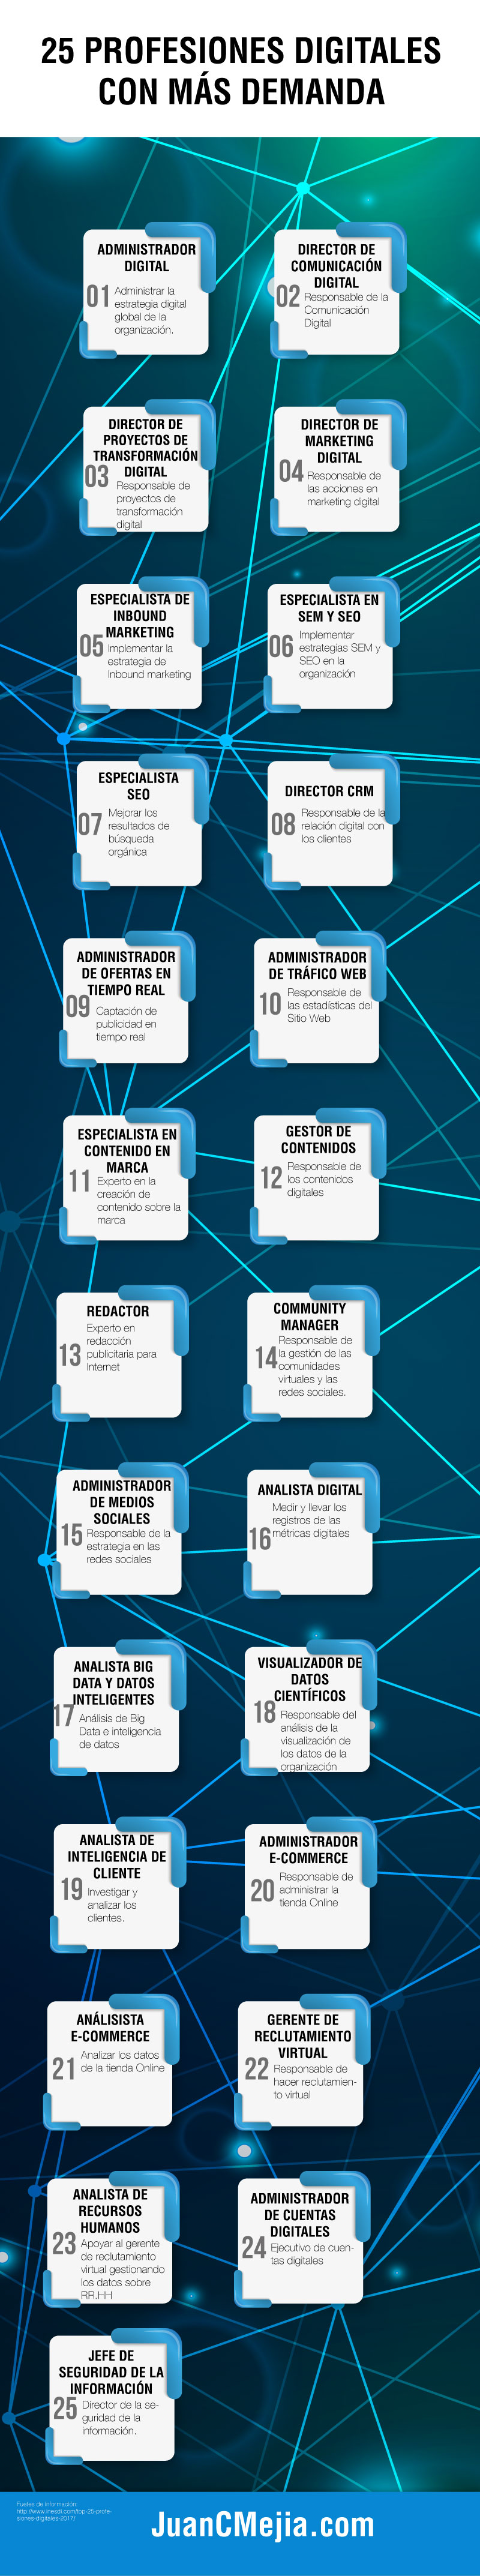 25 profesiones digitales más demandadas Infografía en español